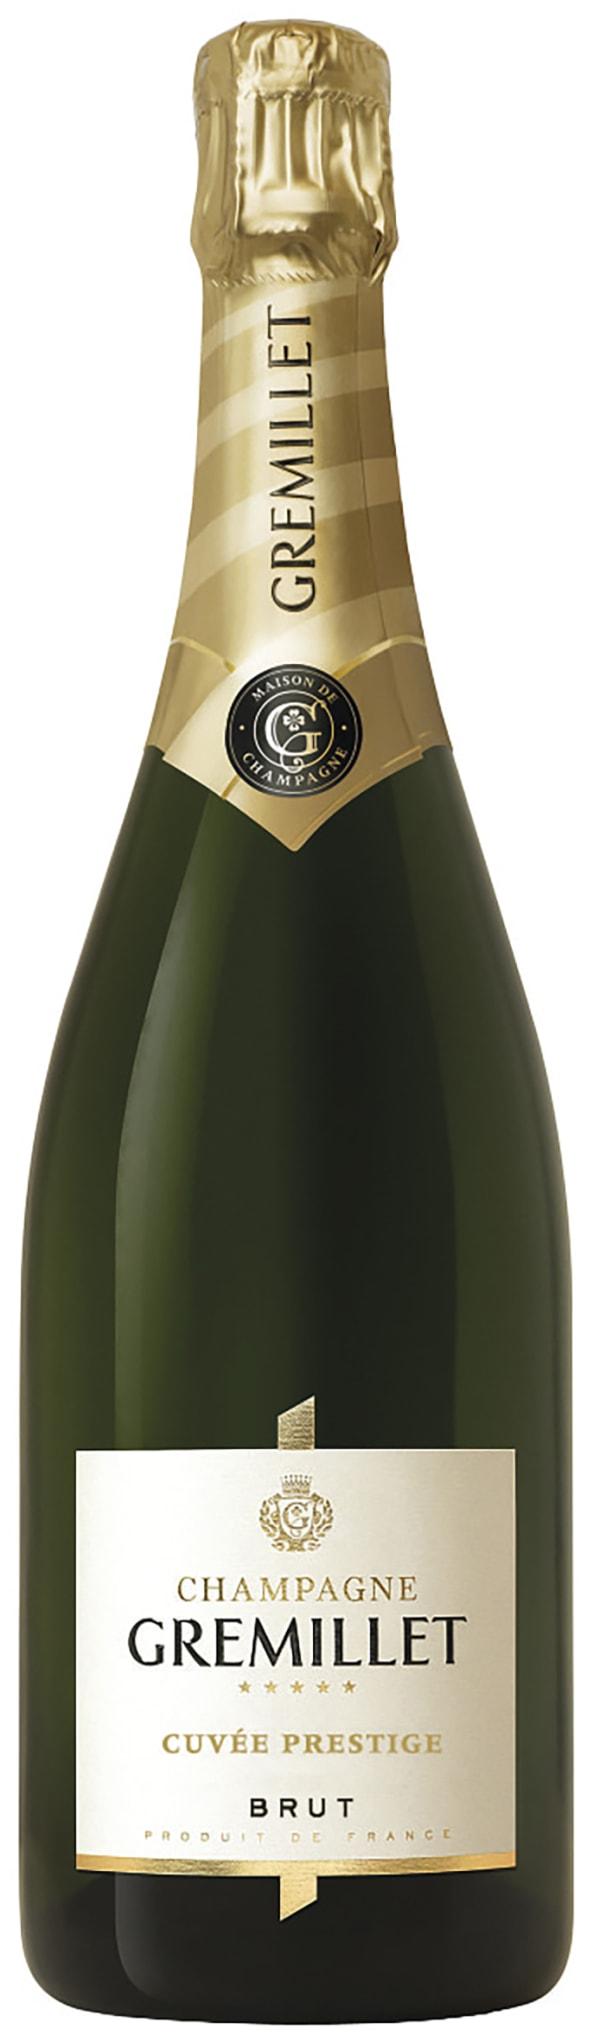 Gremillet Cuvée Prestige Organic Champagne Brut